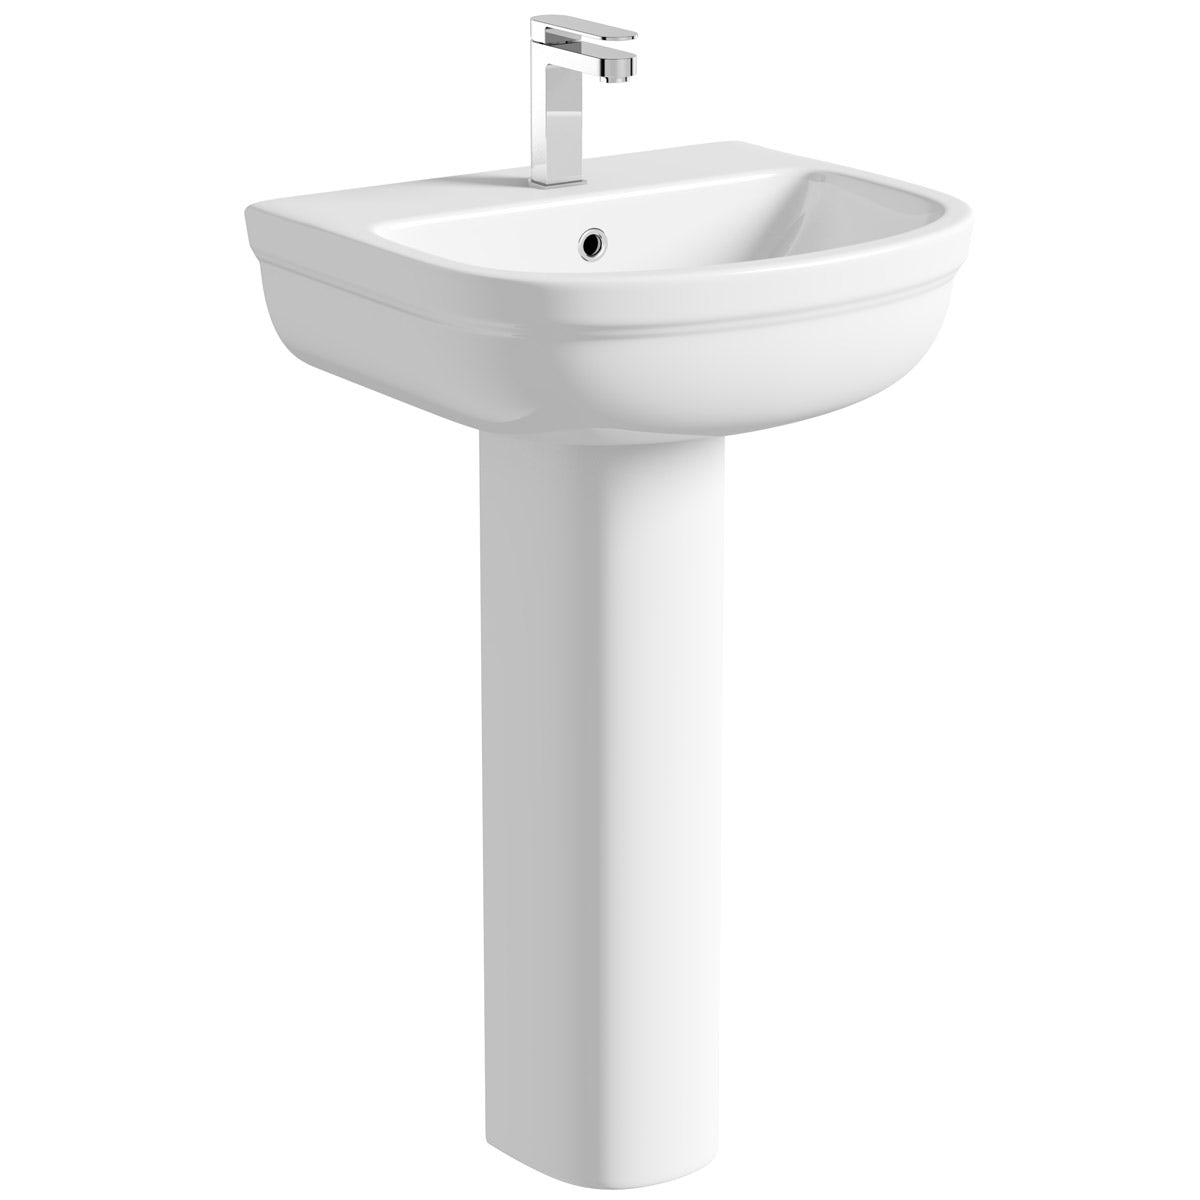 Orchard Elsdon 1 tap hole full pedestal basin 550mm